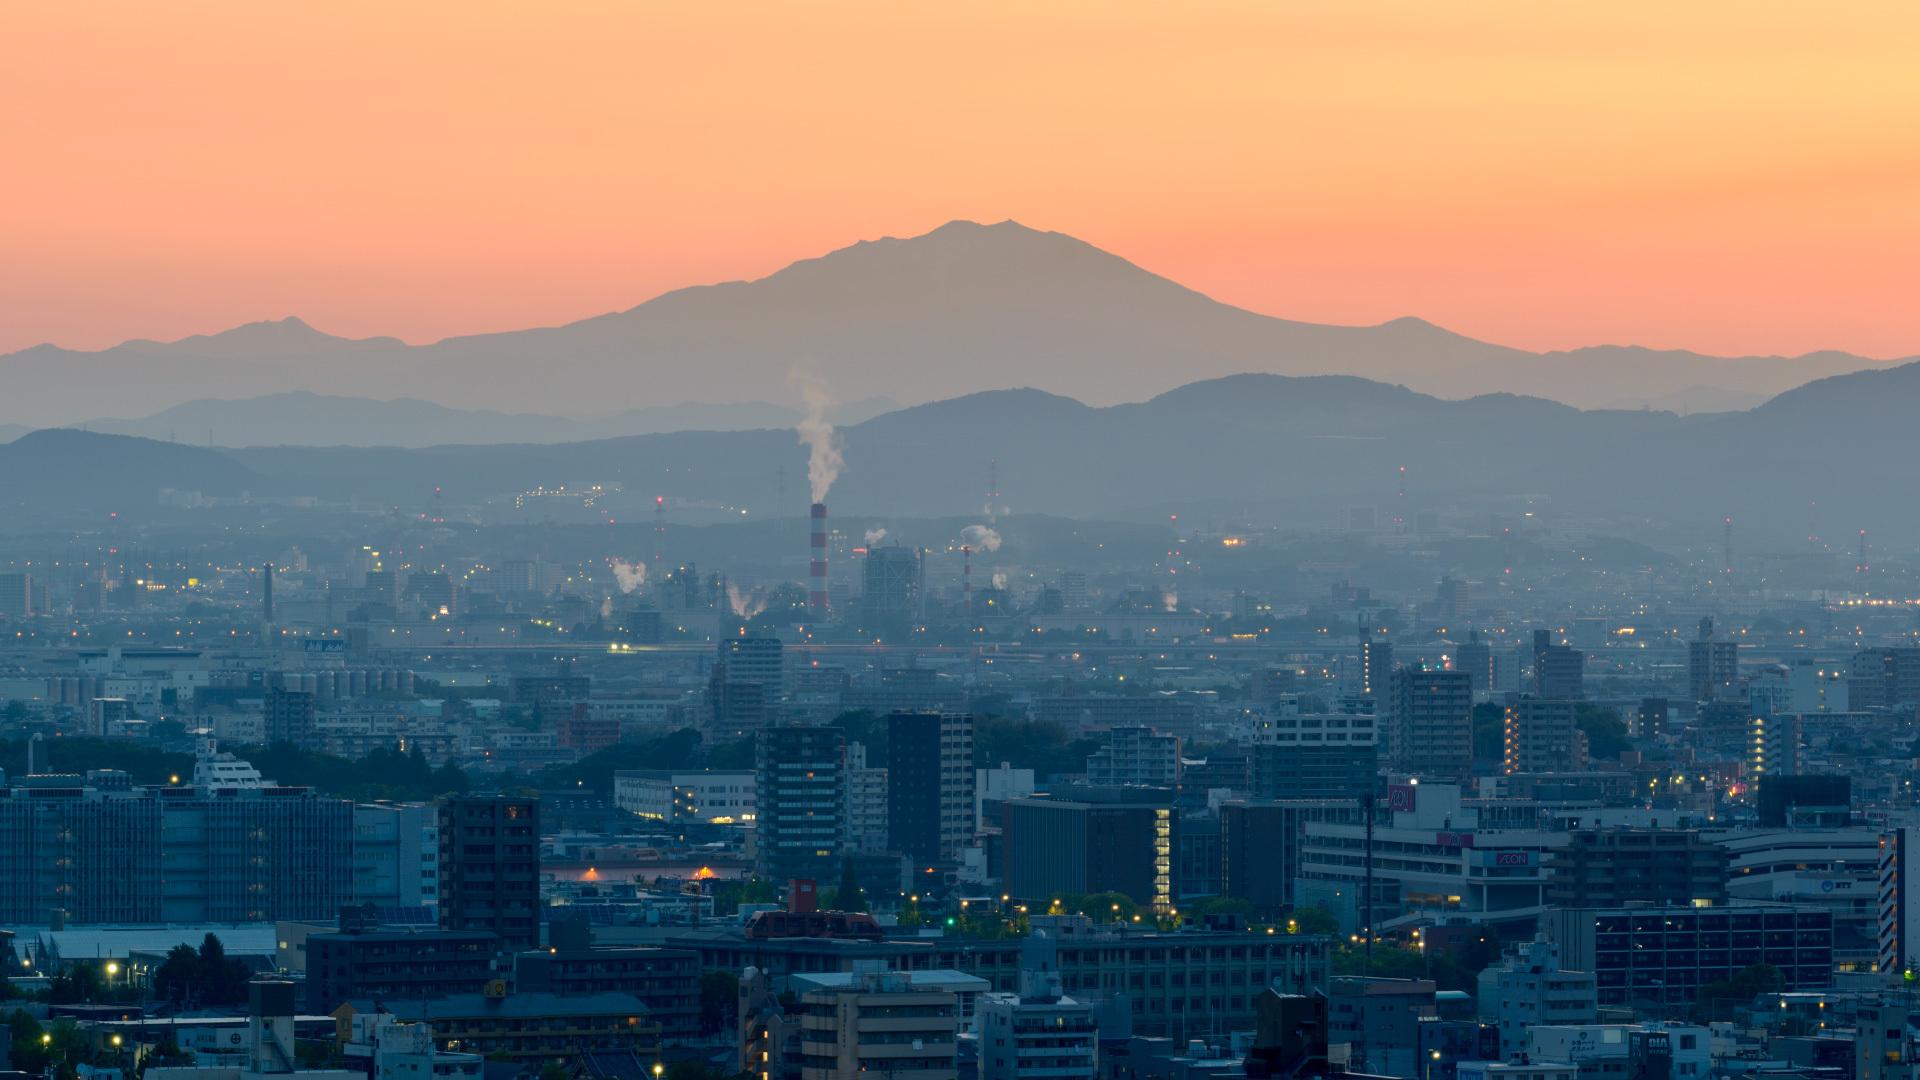 夜明けの山_a0177616_04575149.jpg